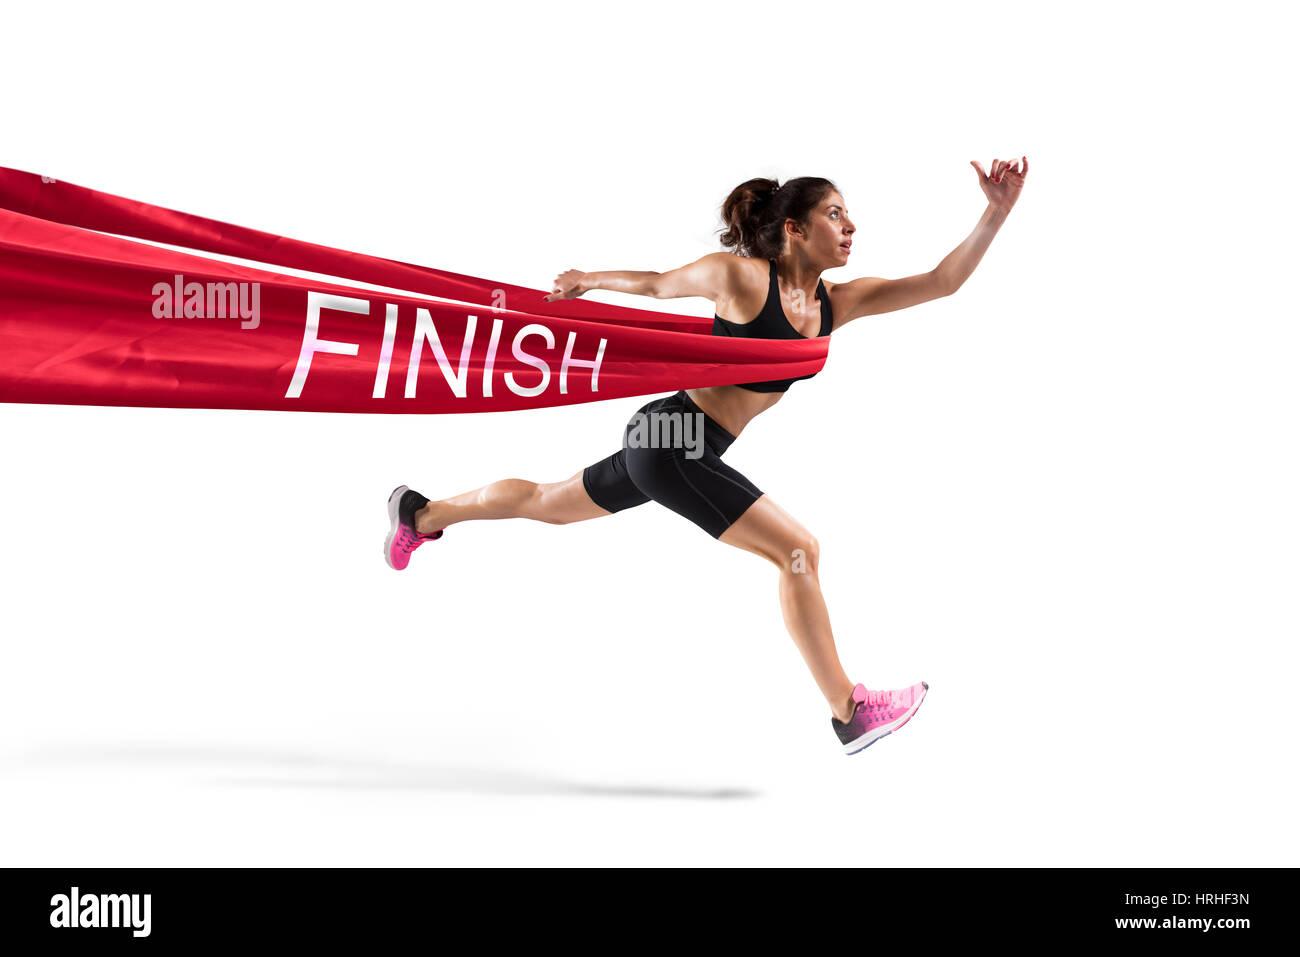 Vincitore runner donna sulla linea del traguardo Immagini Stock